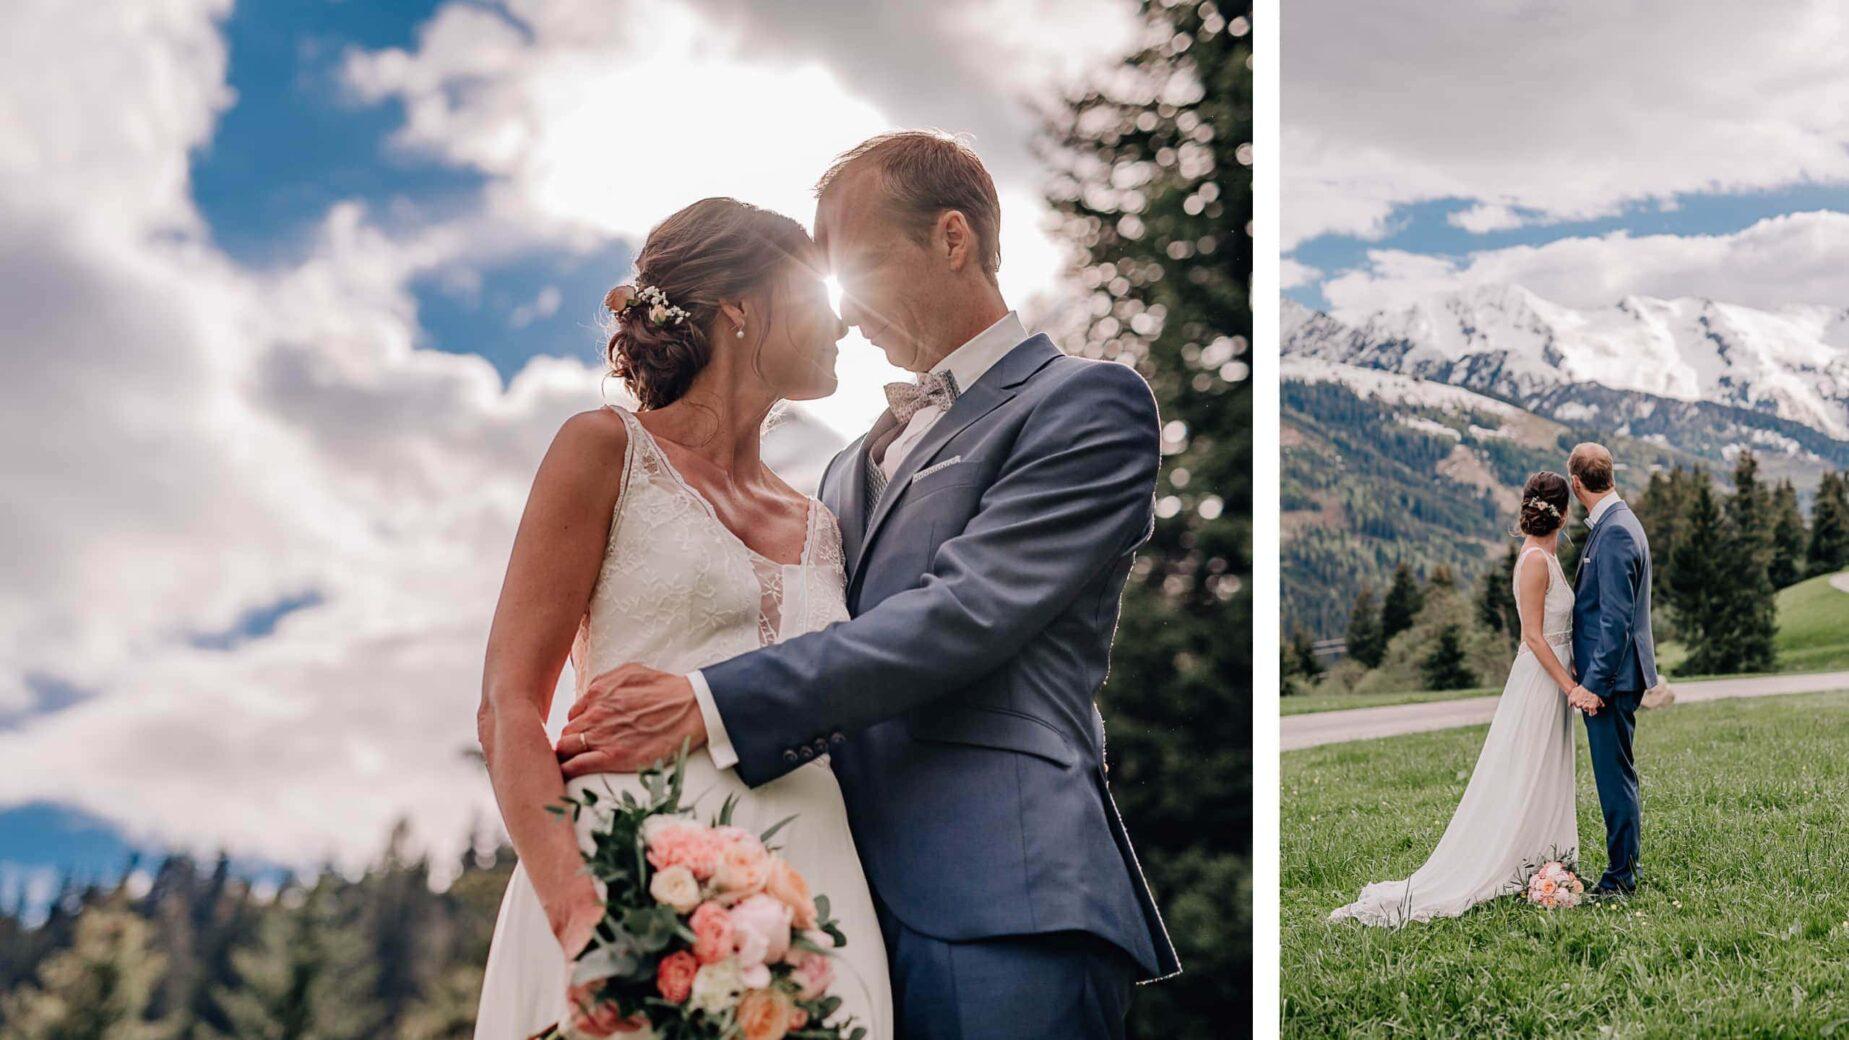 Professionelle Hochzeitsfotografie - Hochzeitsreportage im Zillertal und auf der Rösslalm in Gerlos, Hochzeitsfotos von Mica Zeitz, Jung und Wild design rund um München, Ingolstadt, Pfaffenhofen, Augsburg